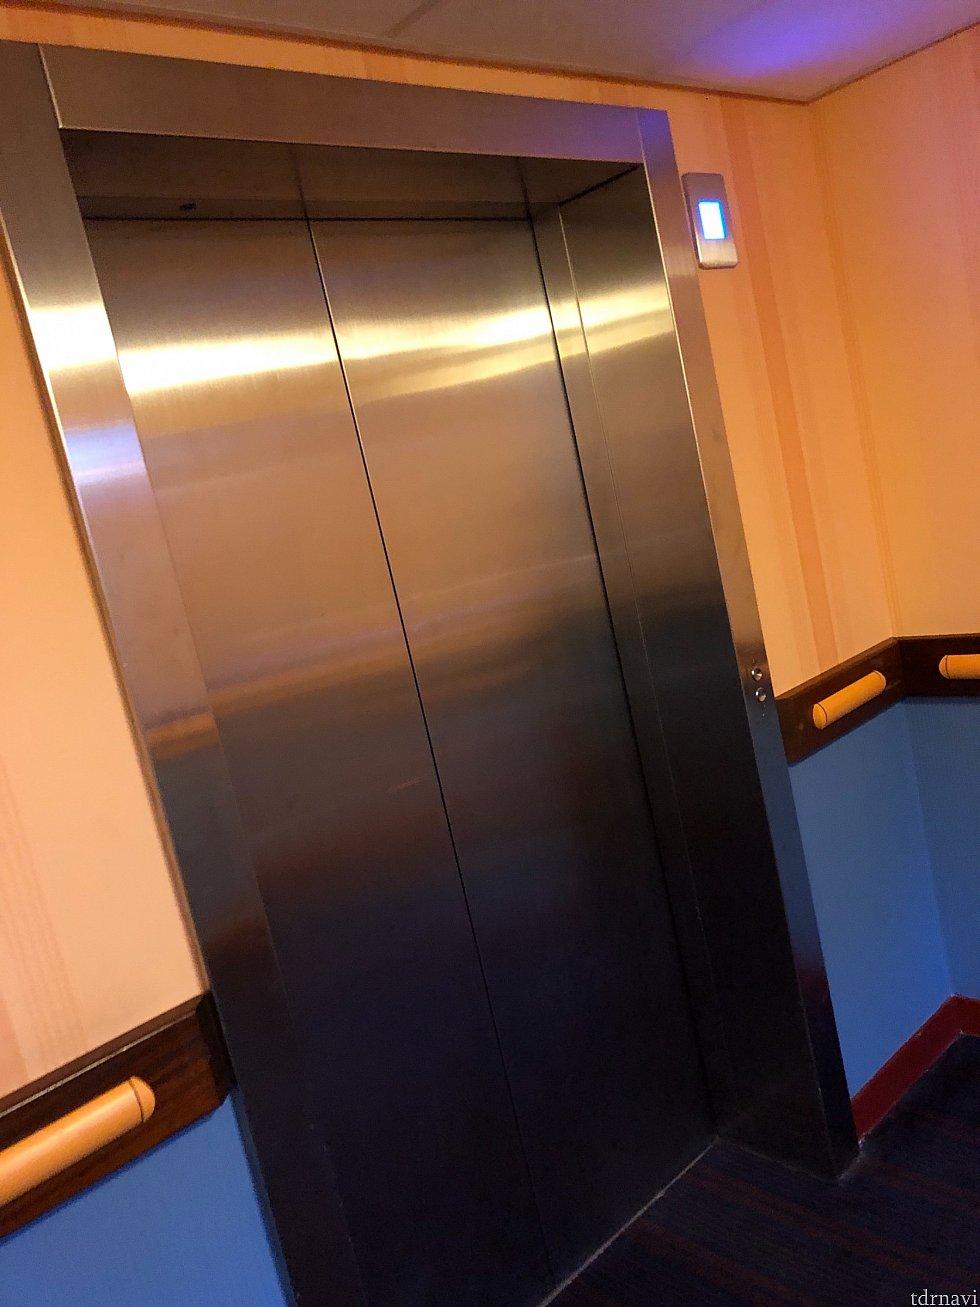 事前にネットで調べたところ、このホテルにはエレベーターが無いと記載されていましたが、私達の泊まった棟は5階建てだったためエレベーターがありました! 荷物が多い我が家にとってはとても助かりました!